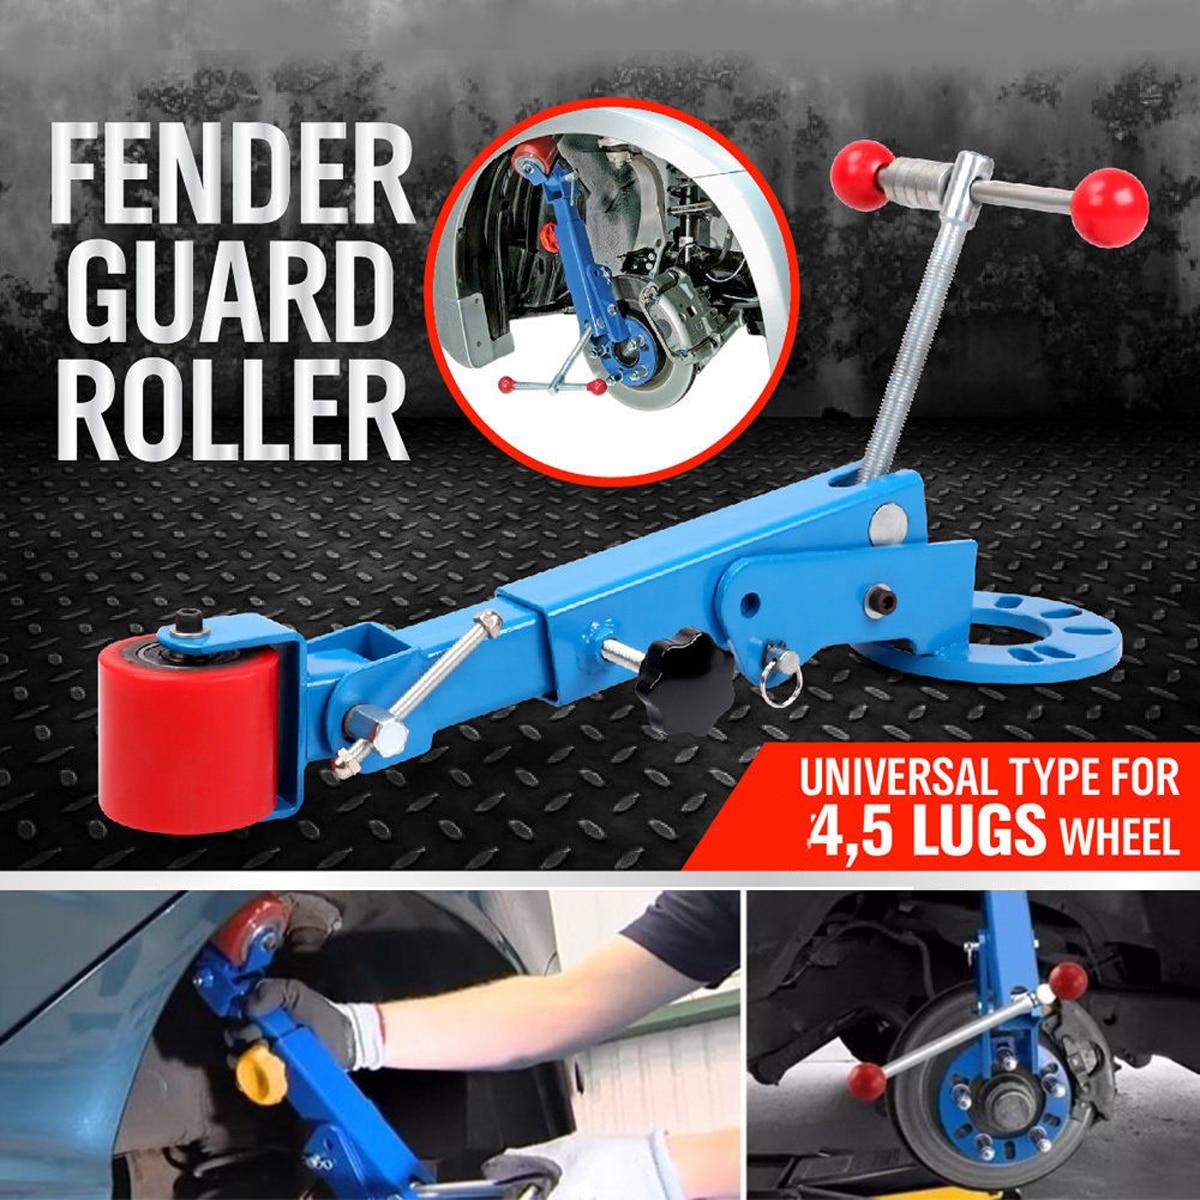 Rouleau pour Fender Réforme S'étendant Outil passage de roue Rouleau Torchage Ancien Lourd Bois pièces de machines